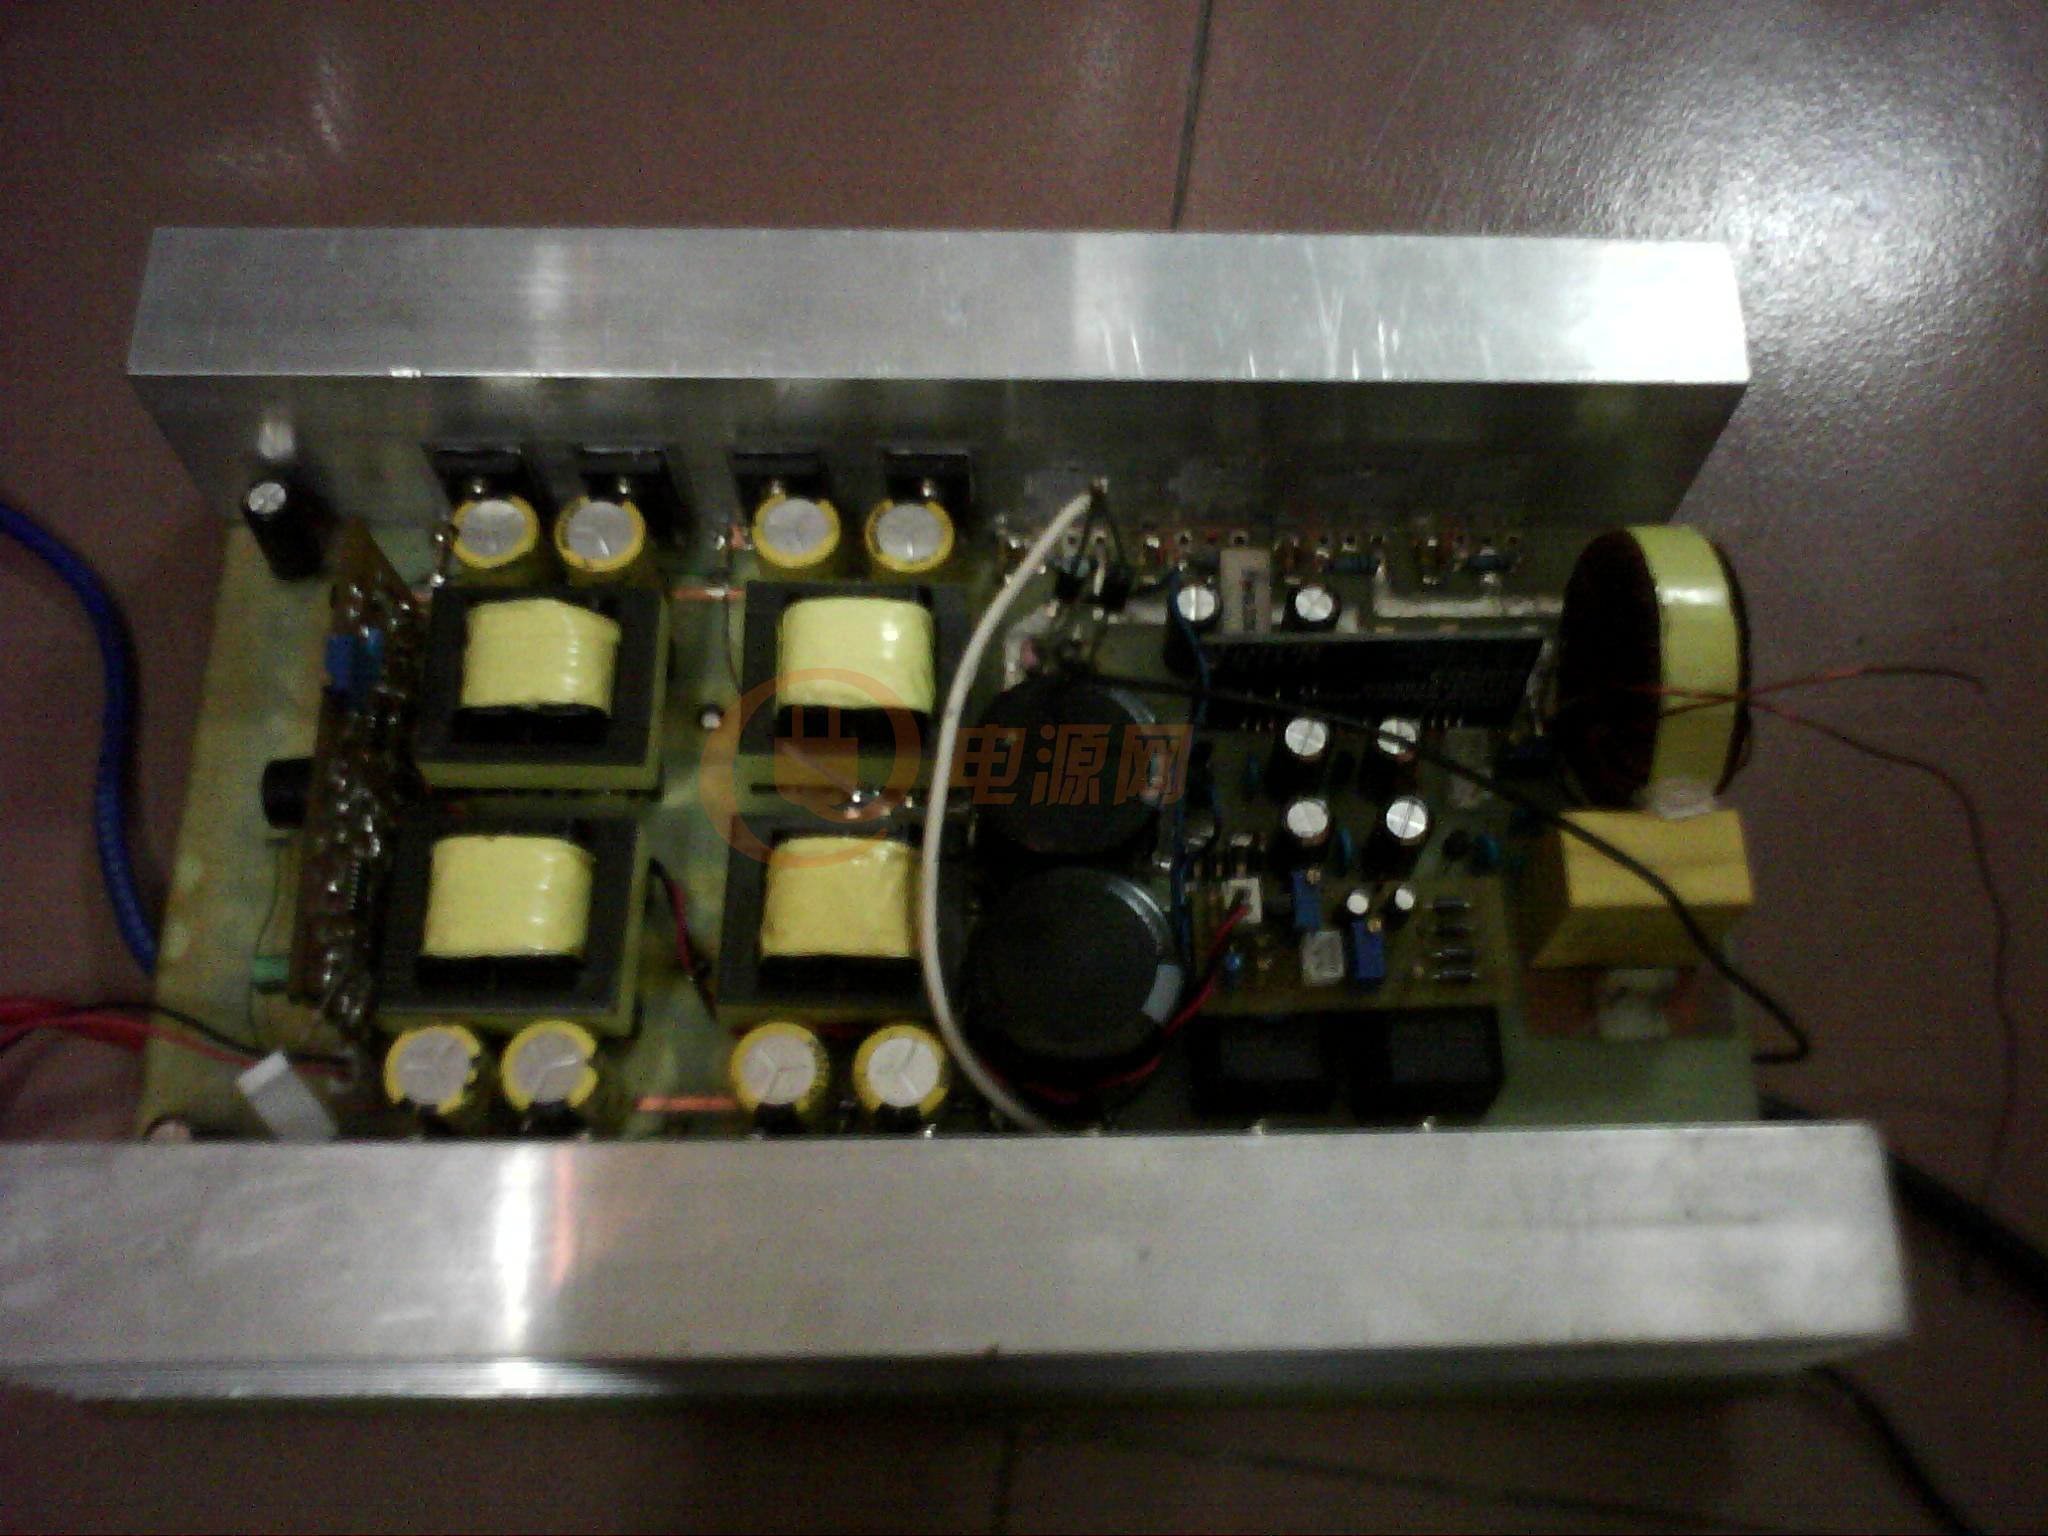 但是现在出问题啦,如下: 1.把100W灯泡去掉,装上10A保险丝。通电5s保险,输出桥全部坏啦。 2.把4个桥拆掉后,在高压滤波电容处接上25W灯泡后测电压480V。不知是不是电压太高造成。 3.调节3525反馈电位器把电压调置400V,前级变压器发出吱吱声(480V时没有问题,空载电流180MA) 4.